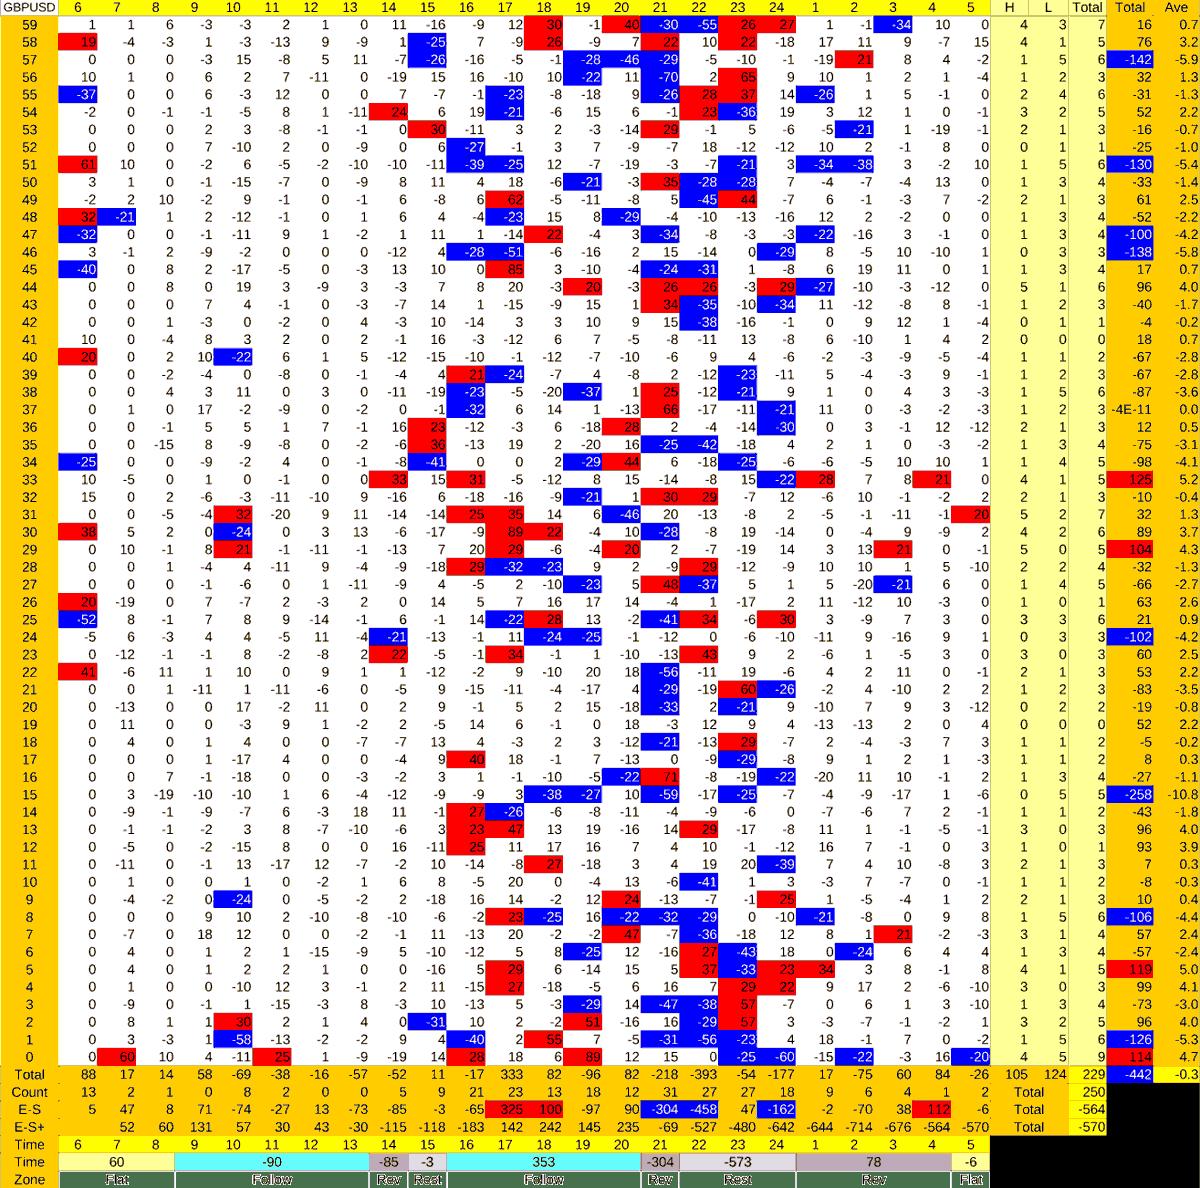 20210603_HS(2)GBPUSD